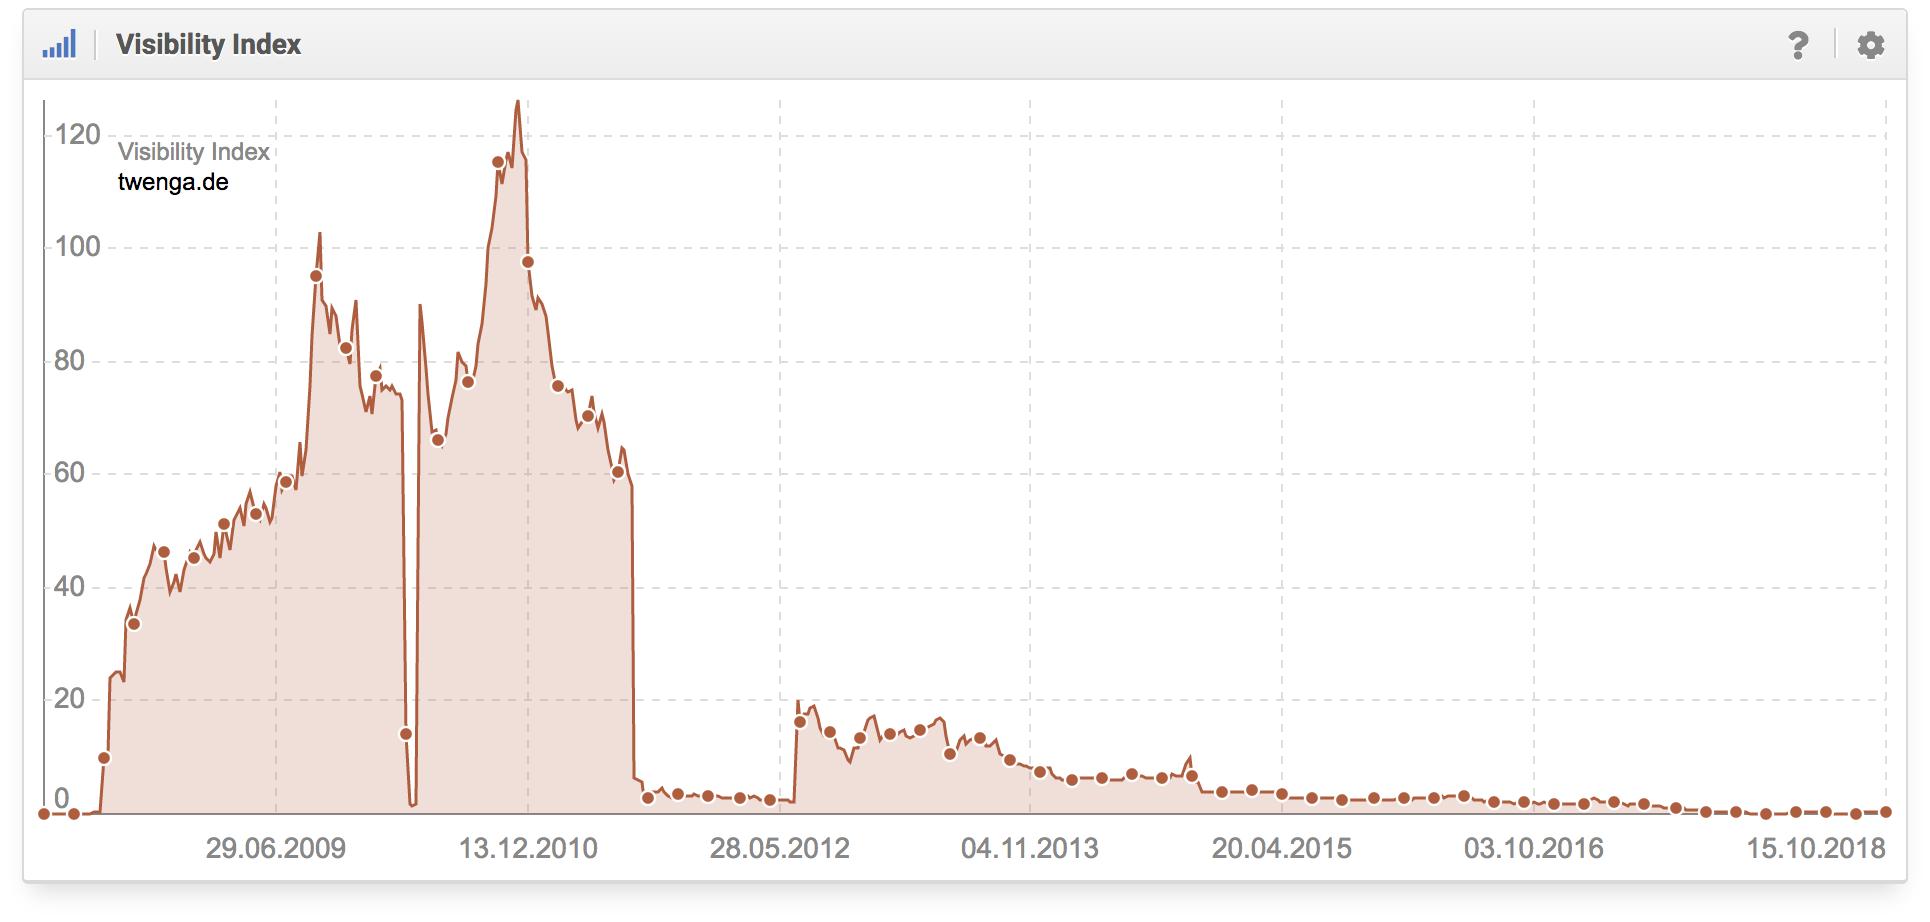 """Histórico del índice de visibilidad de twenga.de y sus problemas por violar las """"Directrices para webmasters"""" de Google"""